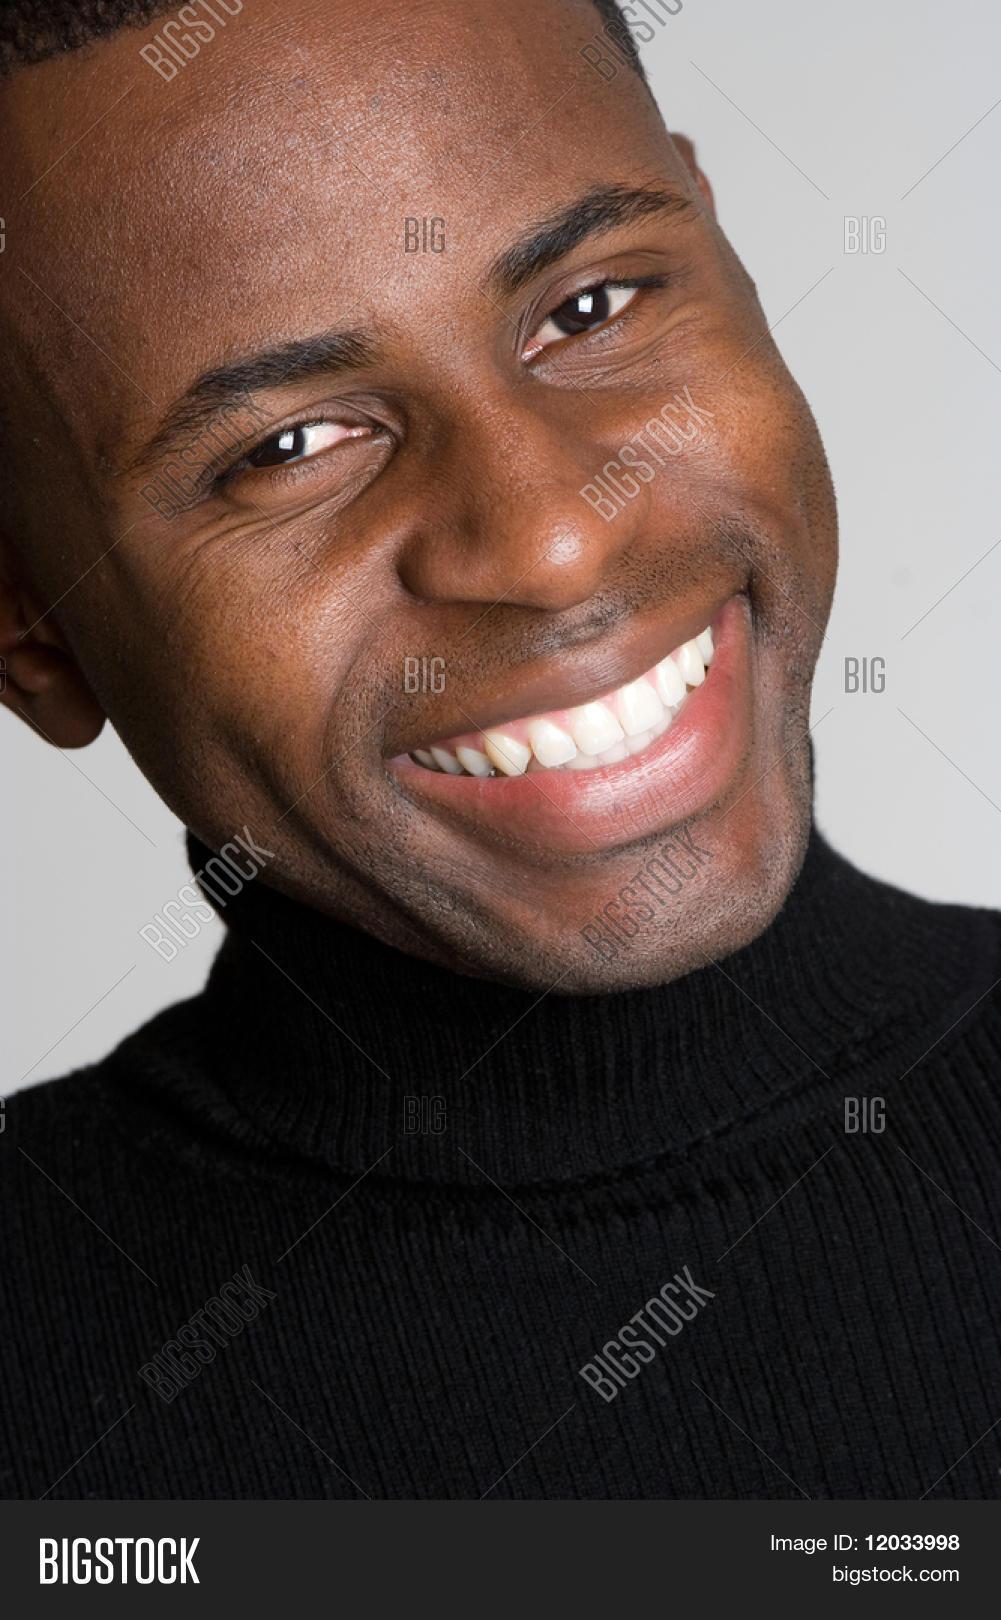 Smiling Black Man Image & Photo | Bigstock